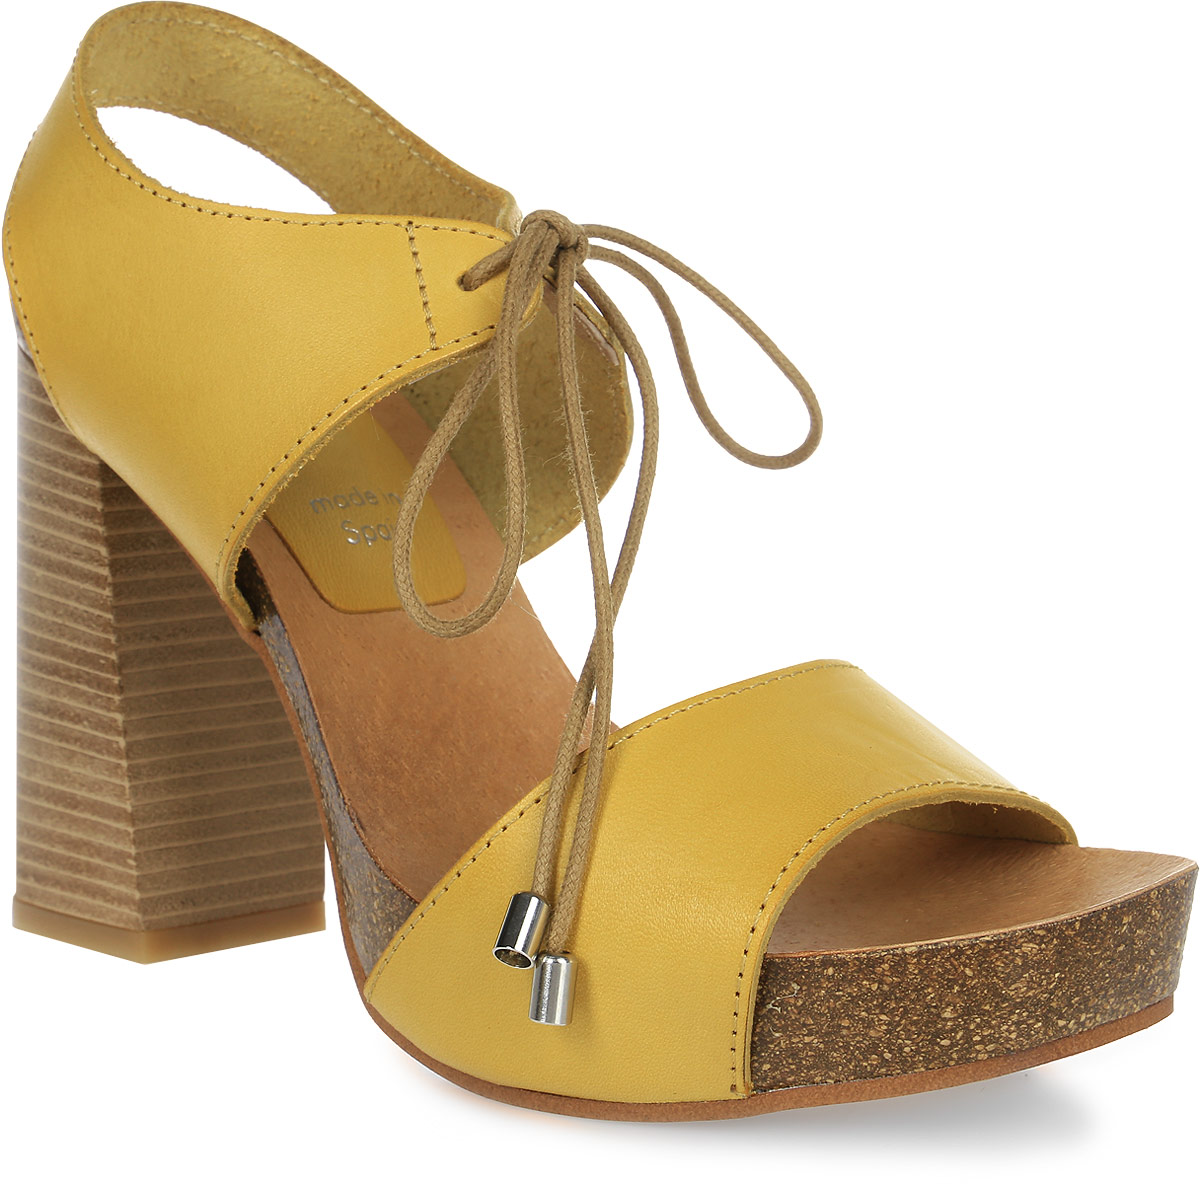 Босоножки женские Dino Ricci, цвет: желтый. DR-911-62-02. Размер 41DR-911-62-02Стильные босоножки от Dino Ricci придутся вам по душе! Модель изготовлена из натуральной кожи. Ремешок надежно зафиксирует изделие на ноге. Стильные и удобные босоножки - необходимая вещь в гардеробе каждой женщины.